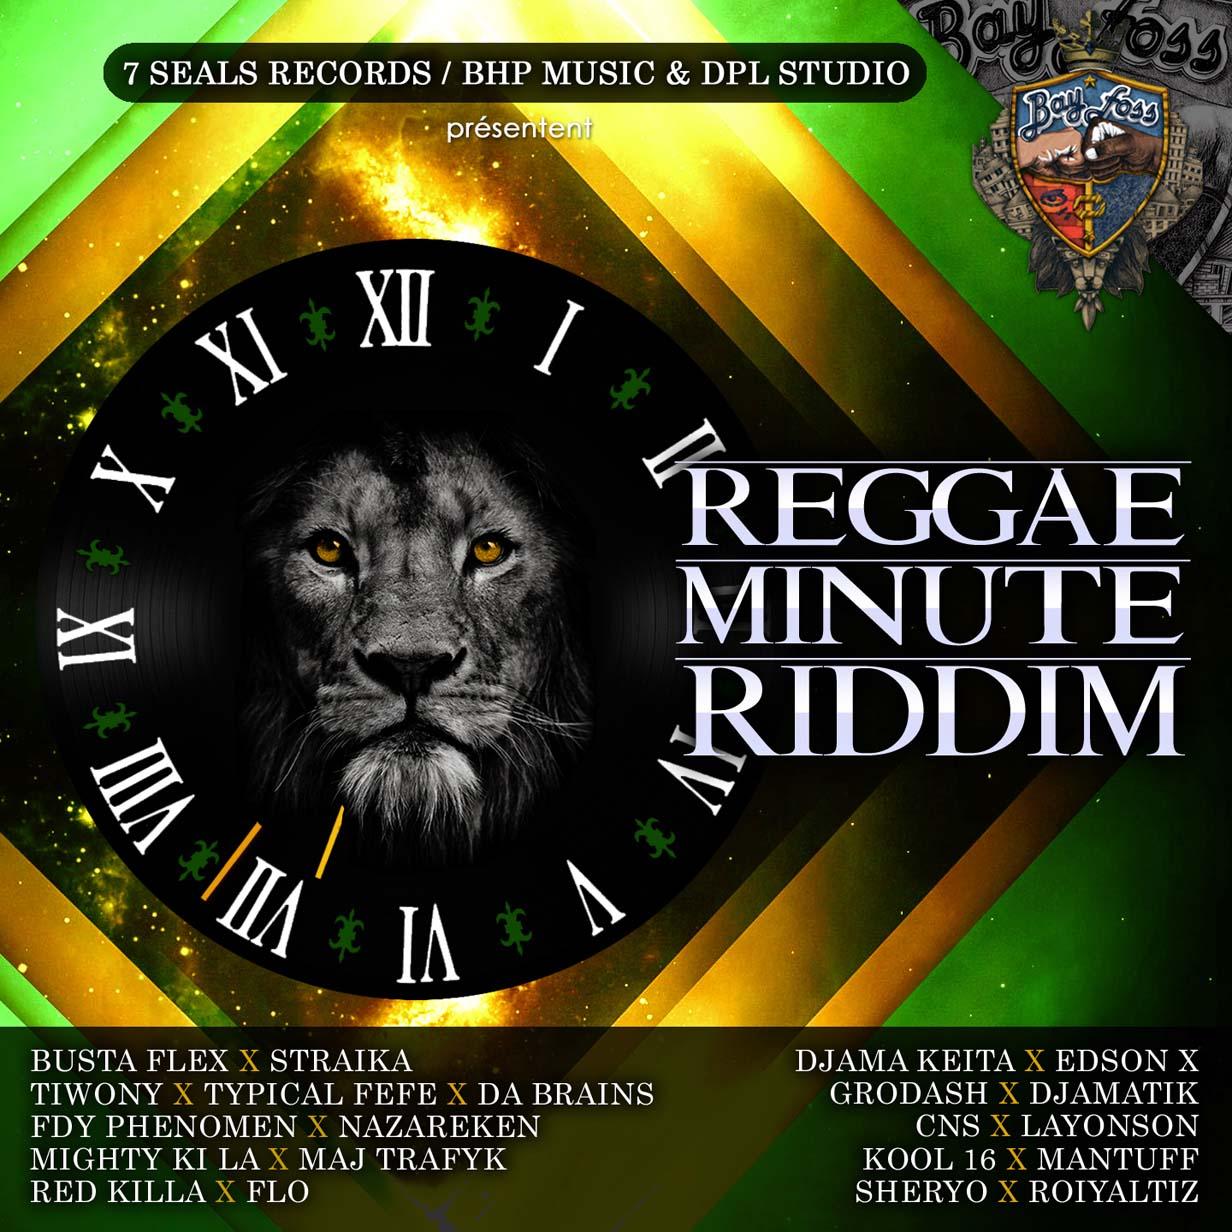 Reggae Minute